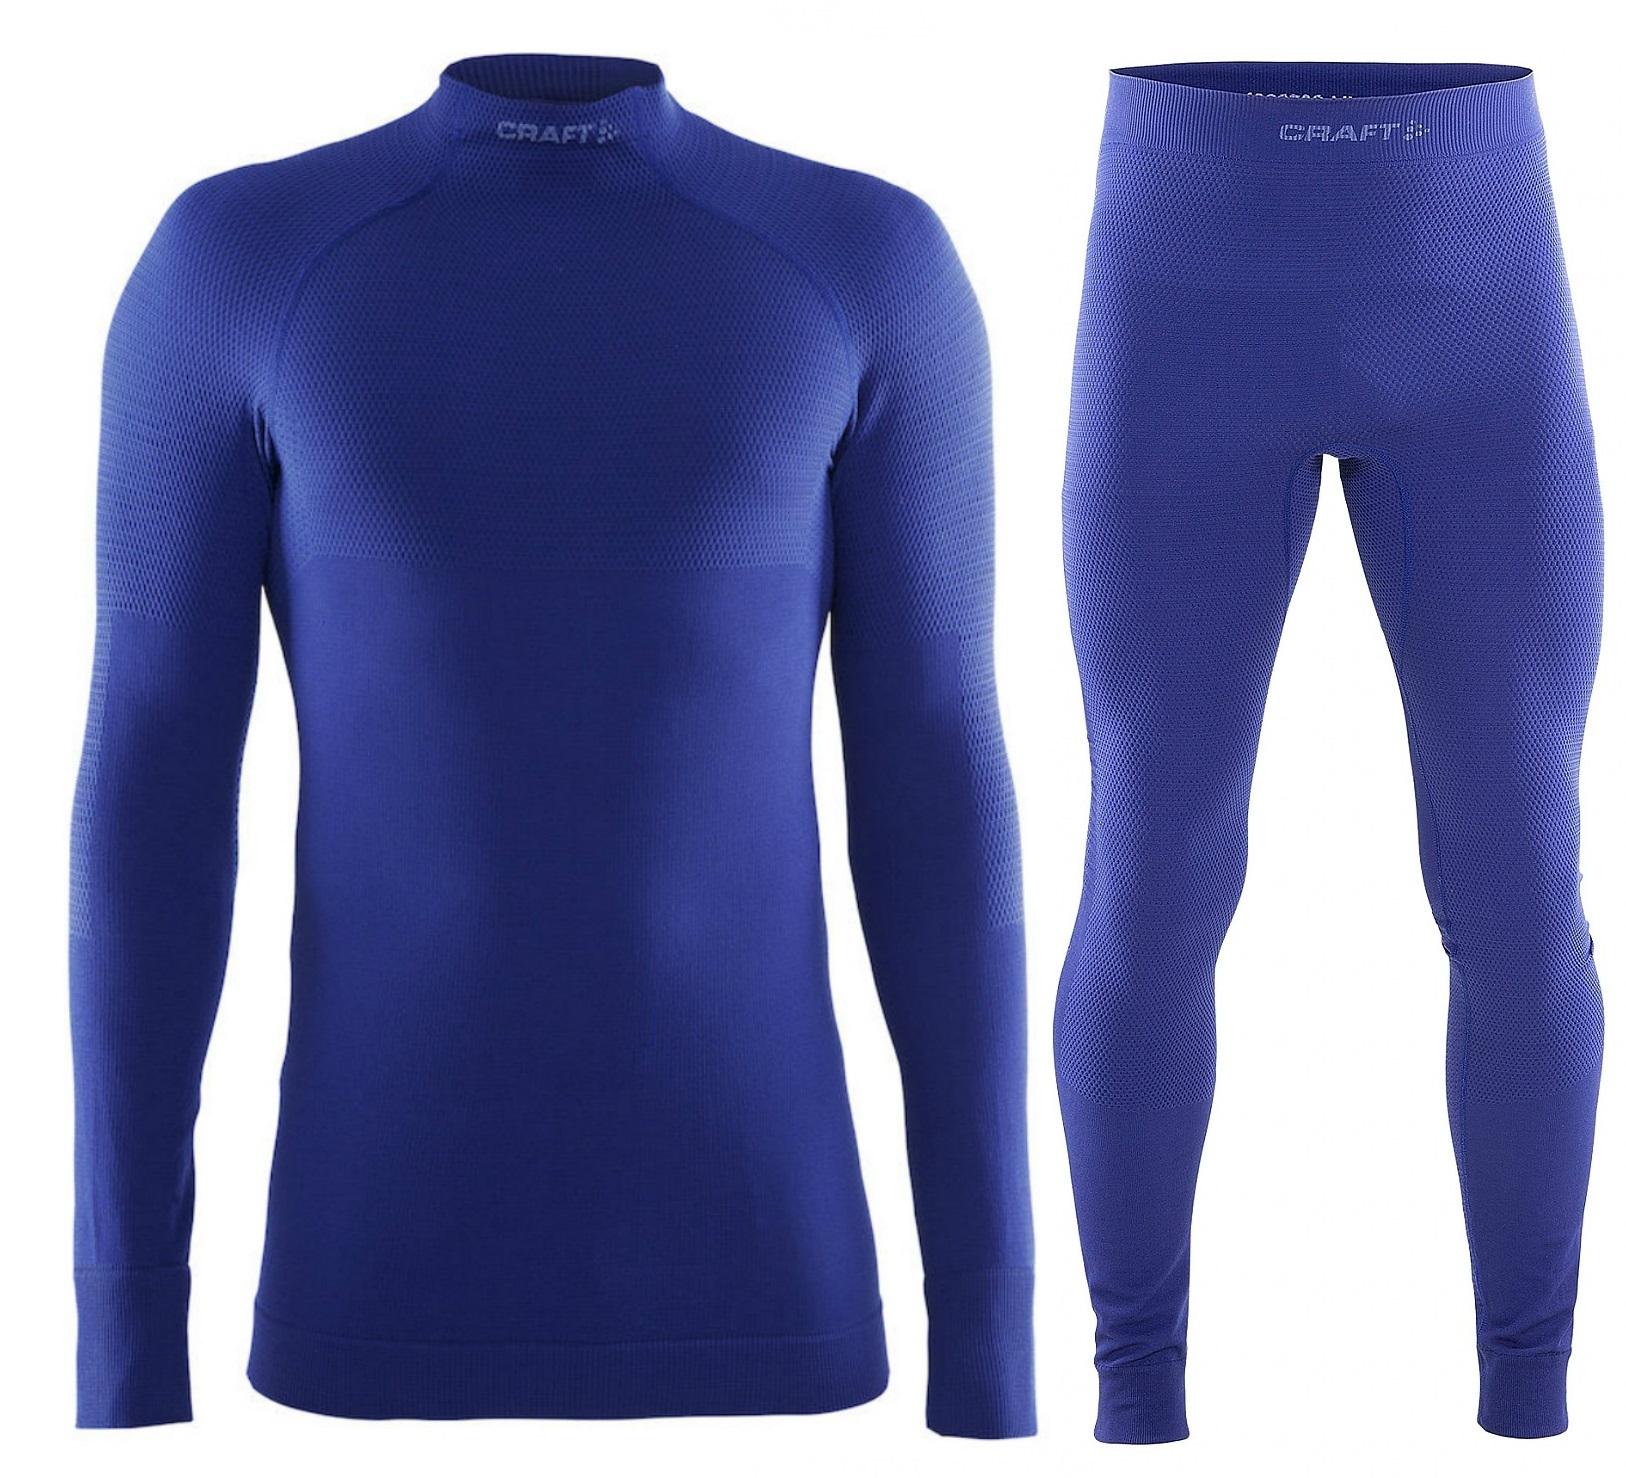 Термобелье комплект Craft Warm мужской синий | Five-sport 1903721-1344-1903723-1344